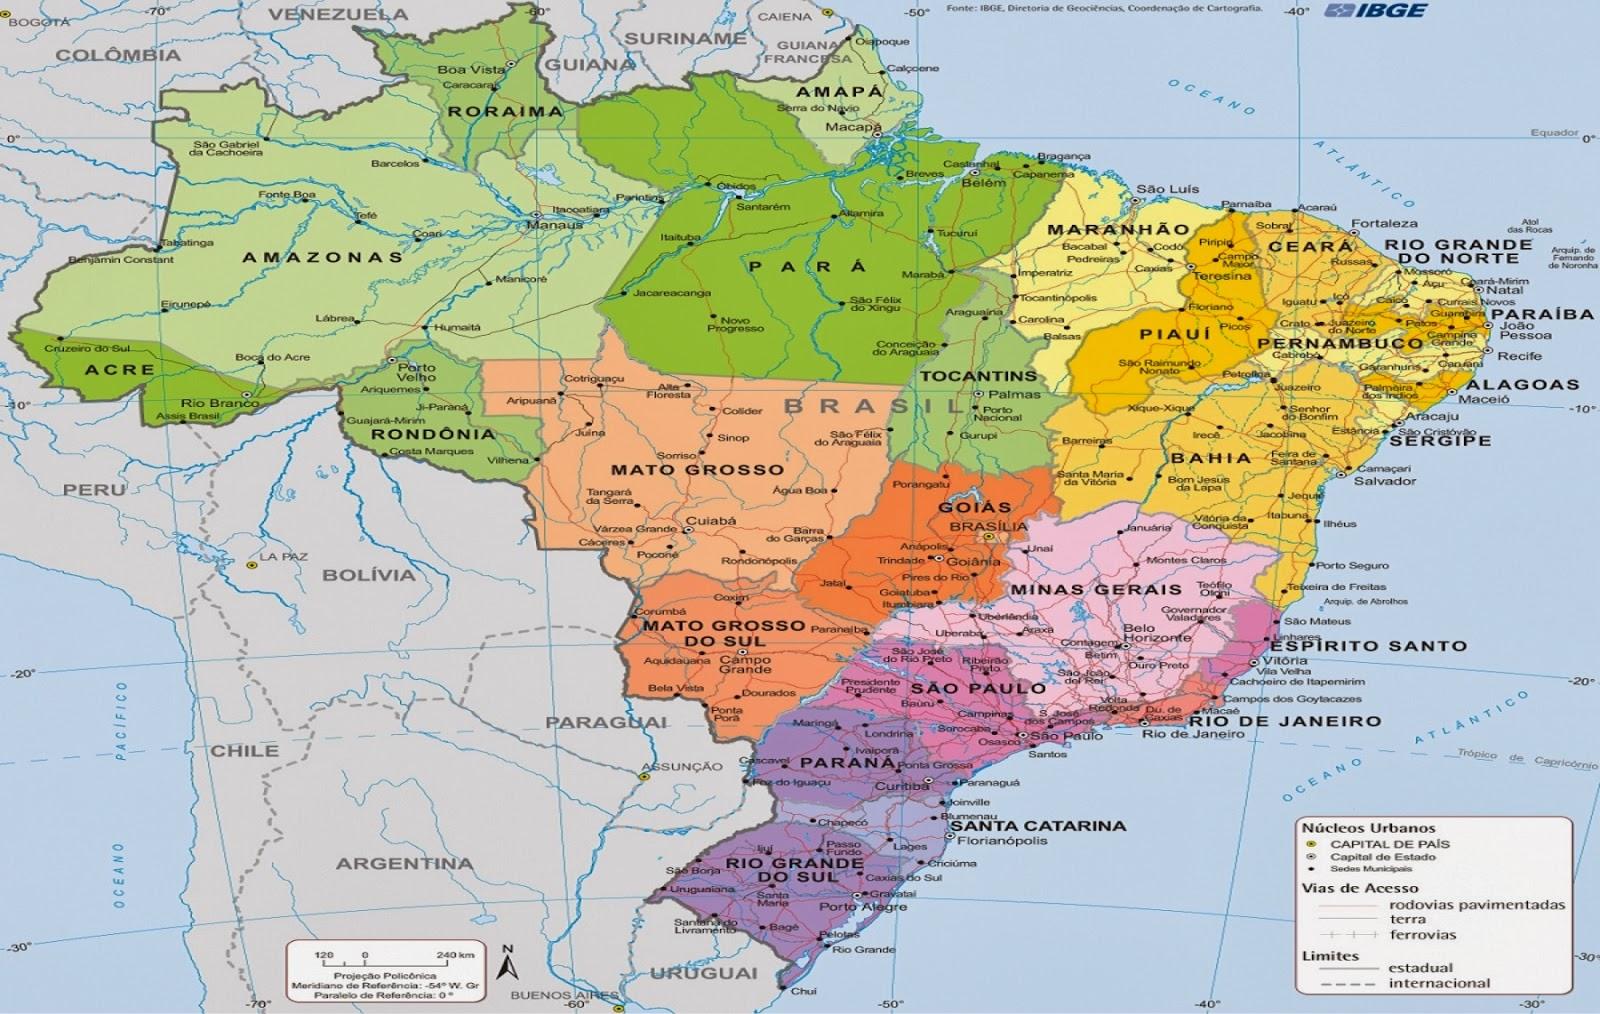 Folha Granjense Online IBGE lana mapa poltico atualizado do Brasil